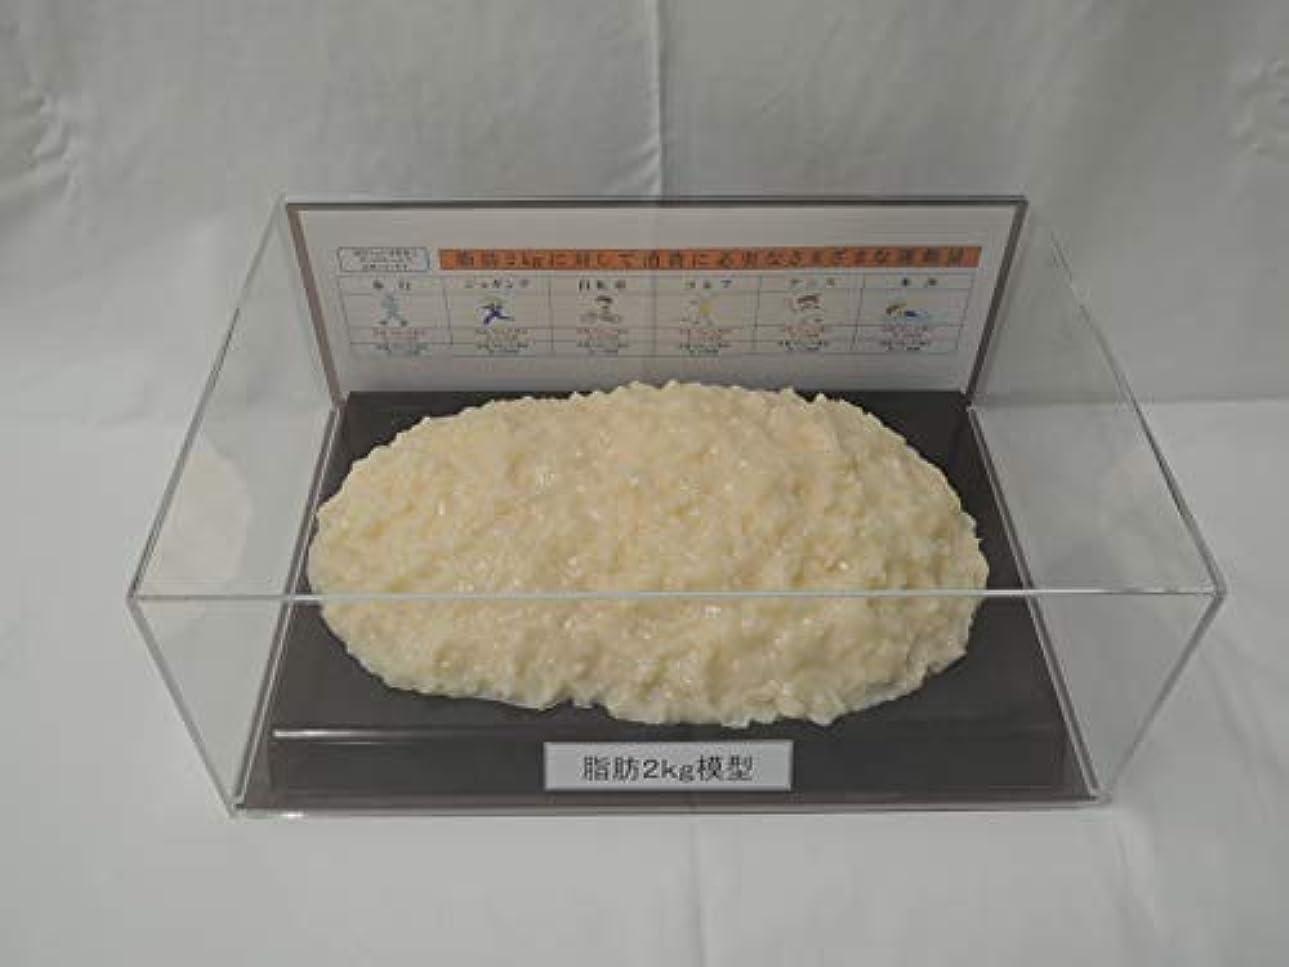 シャツ凍結すみません脂肪模型 フィギアケース入 2kg ダイエット 健康 肥満 トレーニング フードモデル 食品サンプル